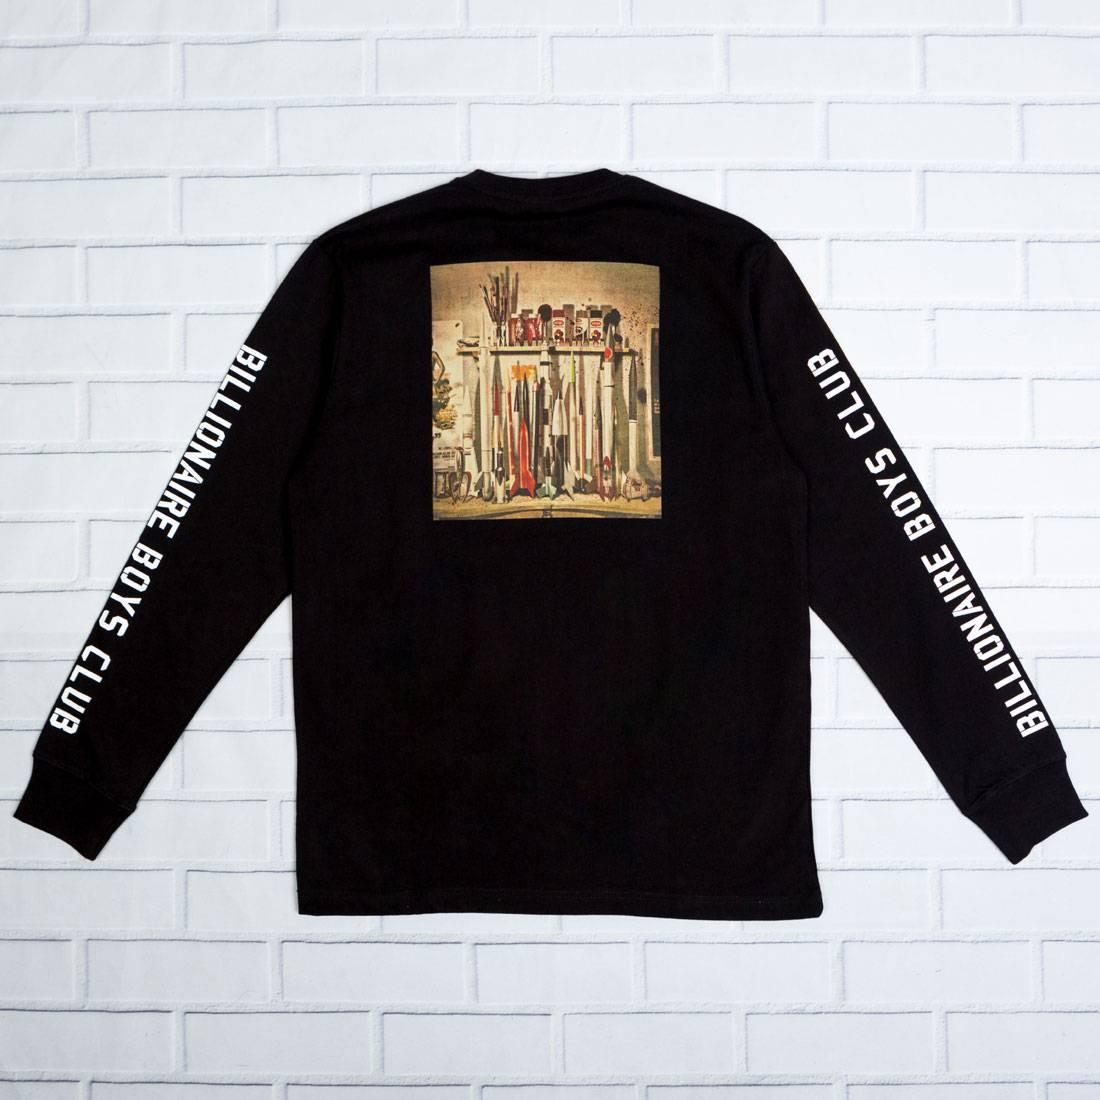 ビリオネアボーイズクラブ BILLIONAIRE BOYS CLUB クラブ スリーブ Tシャツ 黒 ブラック 【 SLEEVE BLACK BILLIONAIRE BOYS CLUB MEN SPACE PROGRAM LONG TEE 】 メンズファッション トップス Tシャツ カットソー